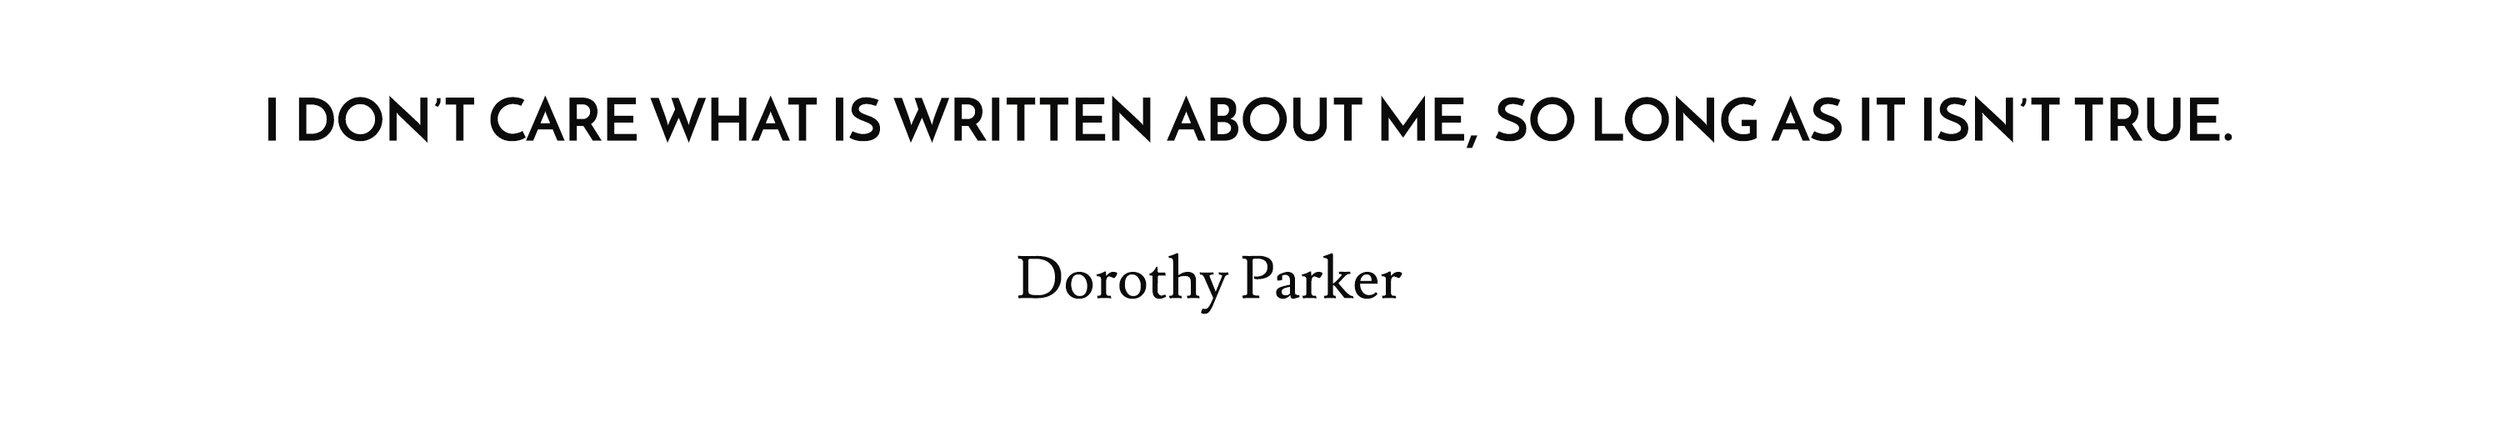 dorothyparker2.jpg